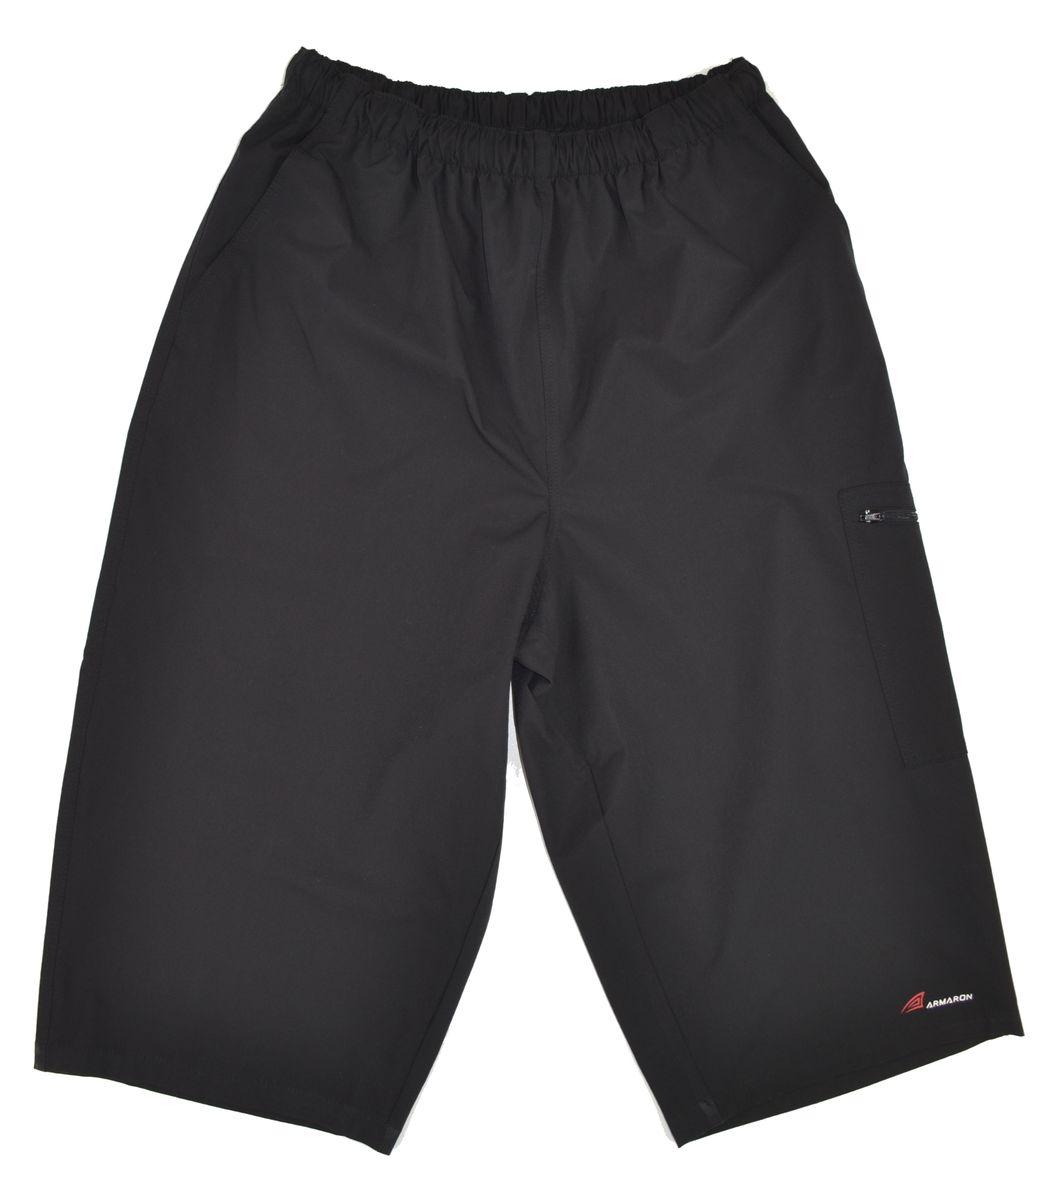 Шорты мужские Armaron, цвет: черный. 54Д. Размер 80